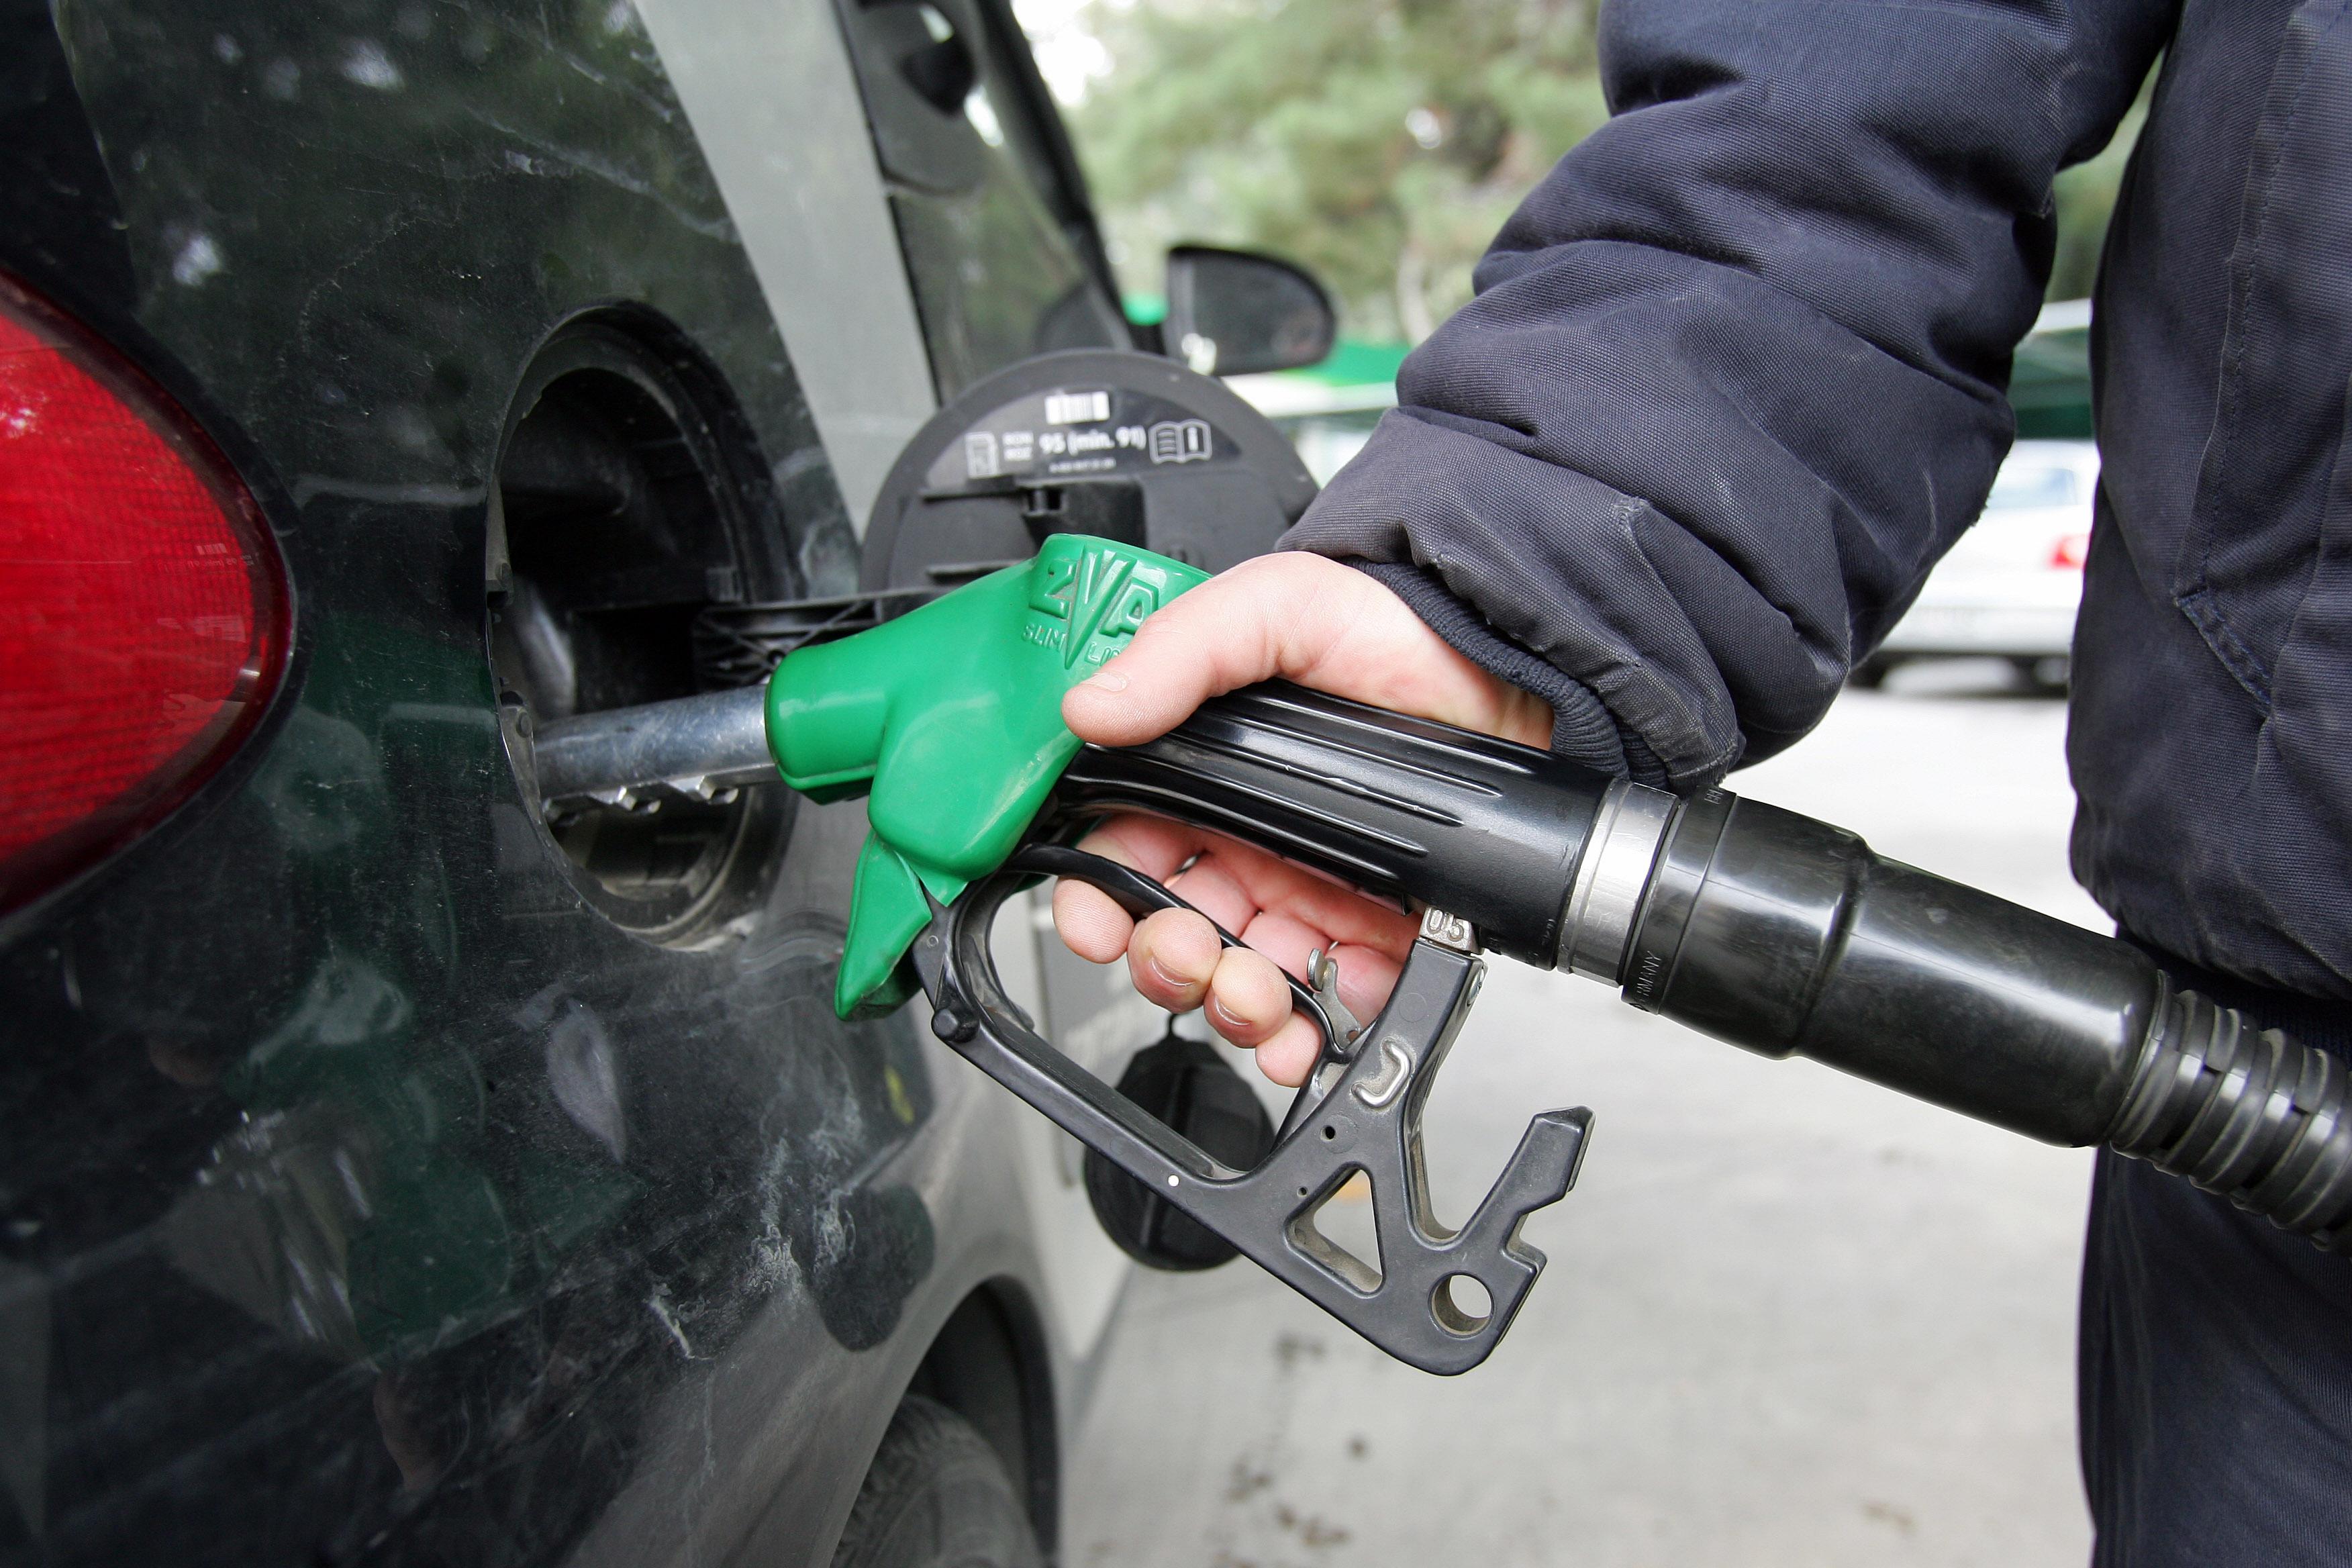 Μέχρι και 2 ευρώ το λίτρο πληρώνουν οι οδηγοί για τη βενζίνη | tovima.gr